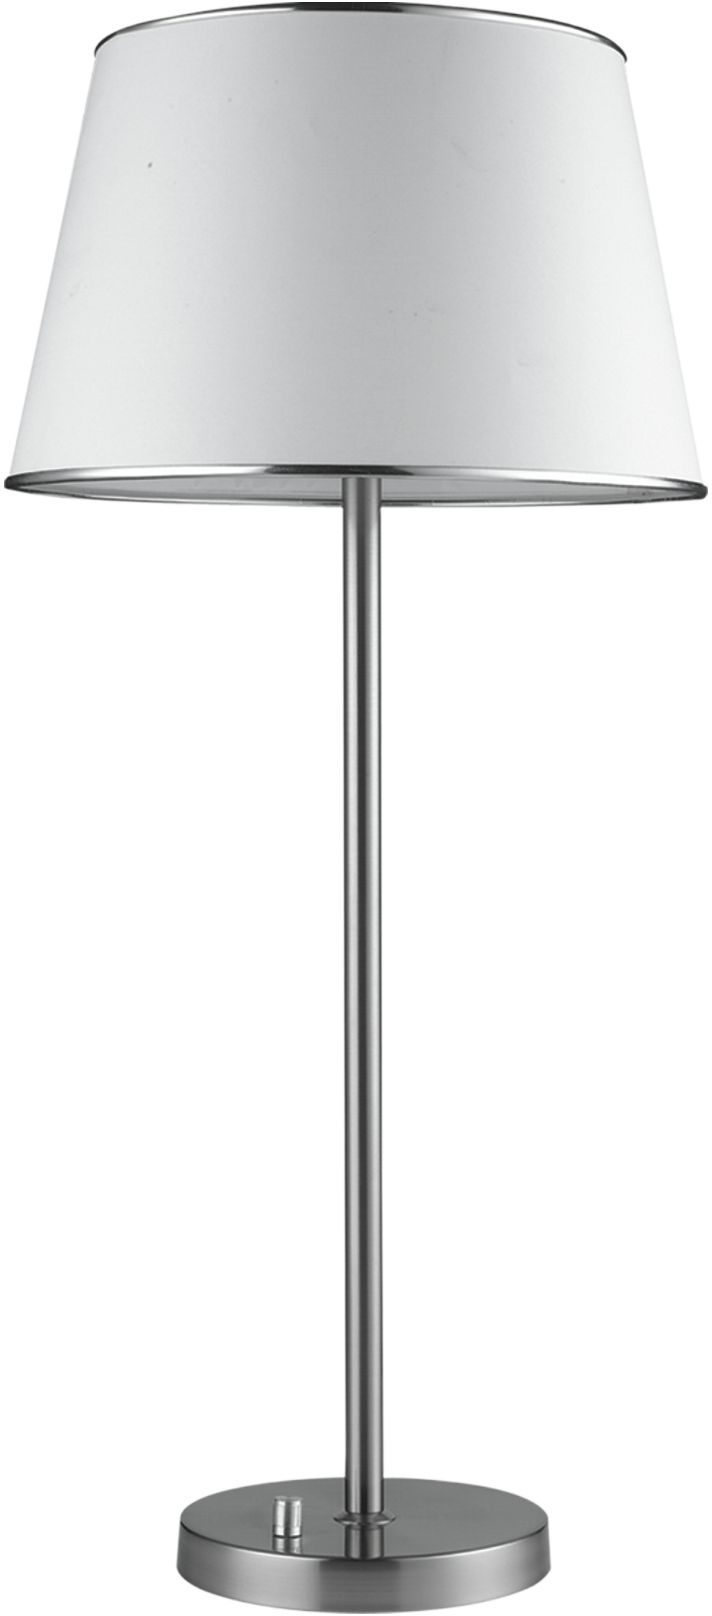 Candellux IBIS 41-00913 lampa stołowa abażur 1X40W E14 satyna nikiel 33cm